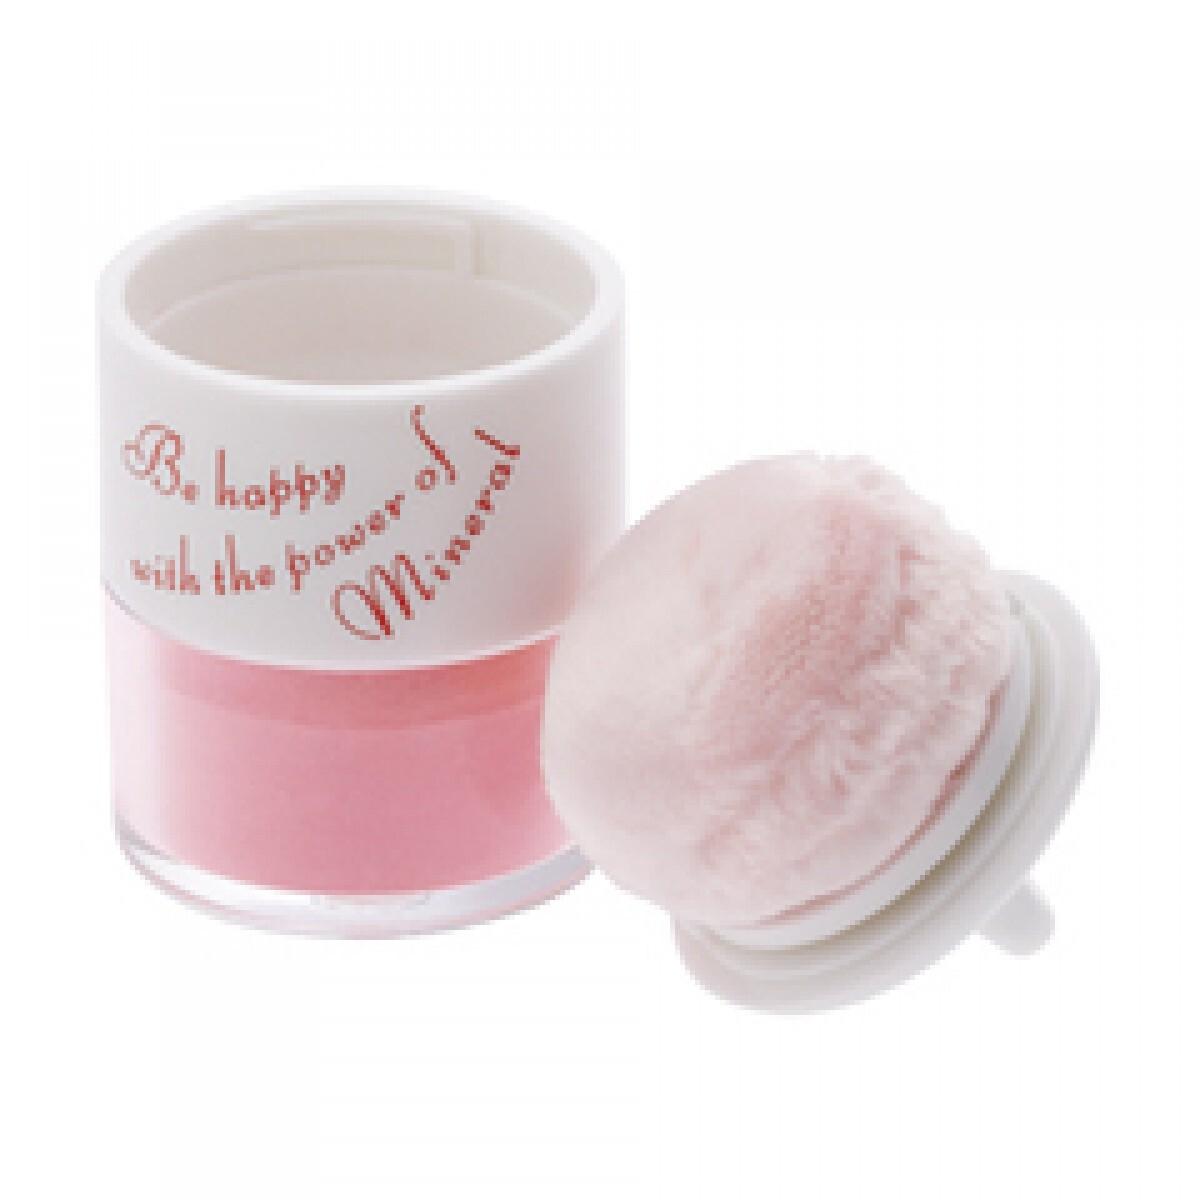 Phấn má dạng bột Shiseido Integrate Mineral Cheek Powder